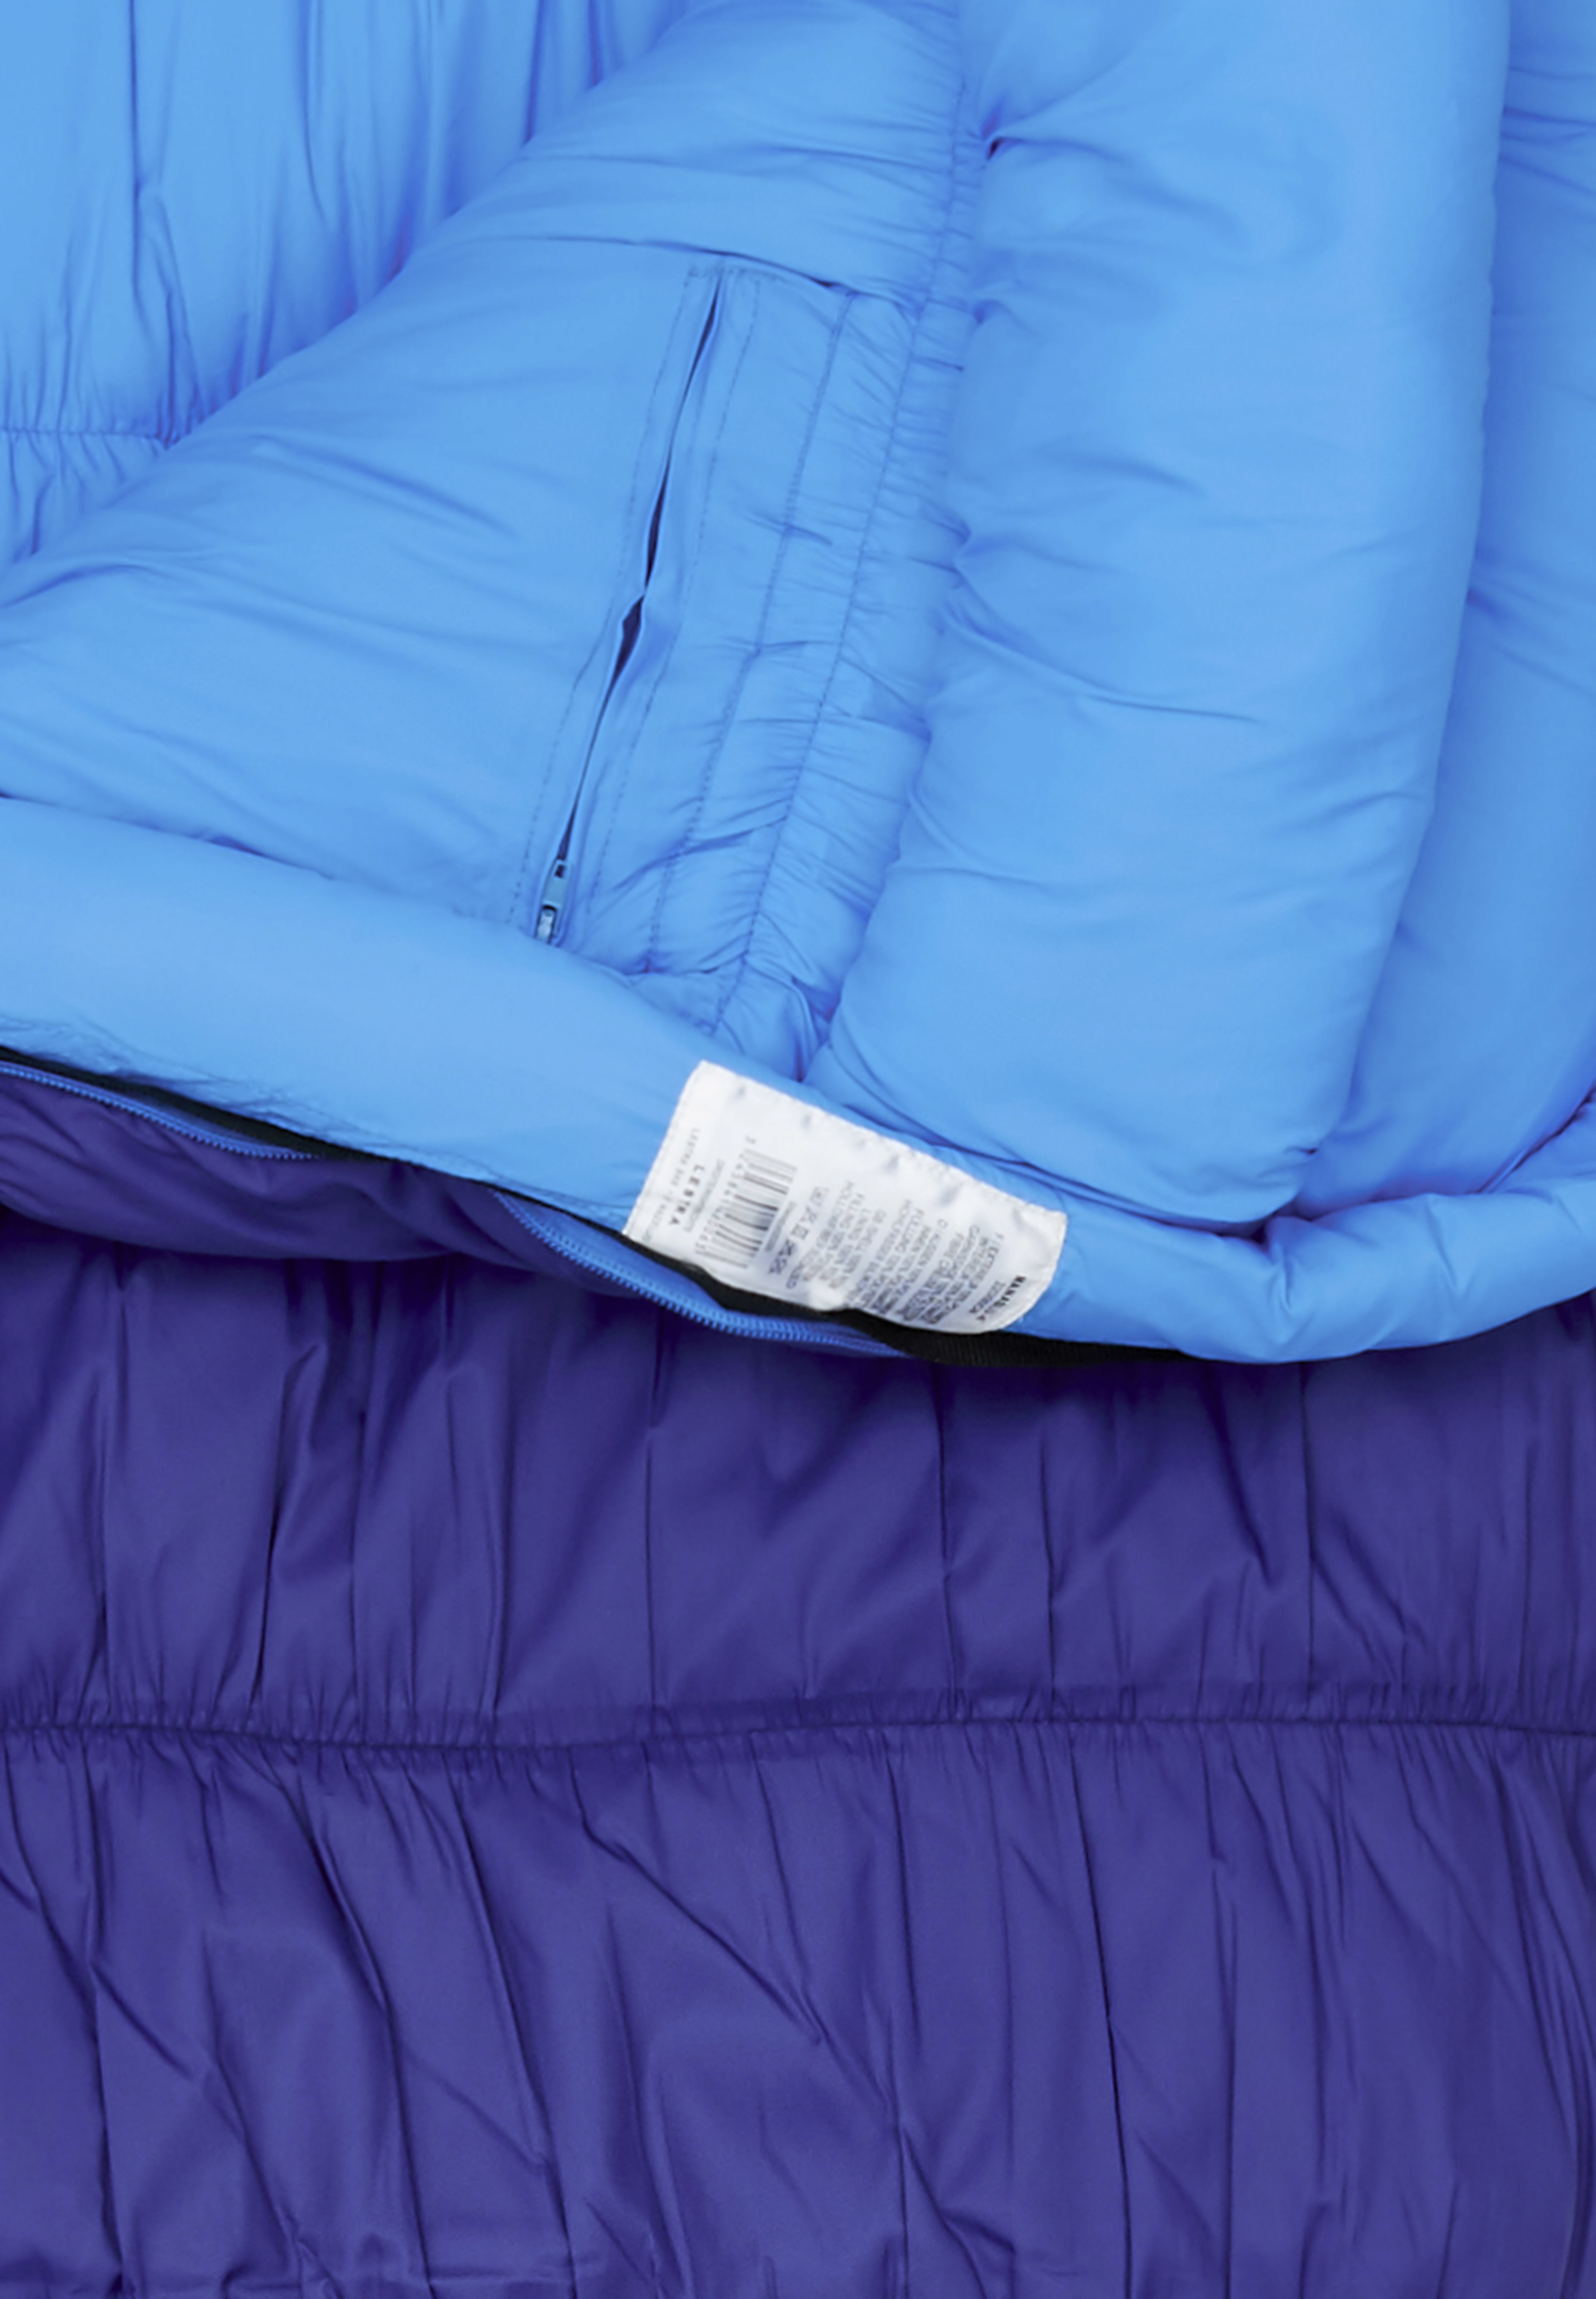 Lestra Schlafsack Mumienschlafsack Manaslu bis 20 Grad Schlafsack Blau//Blau